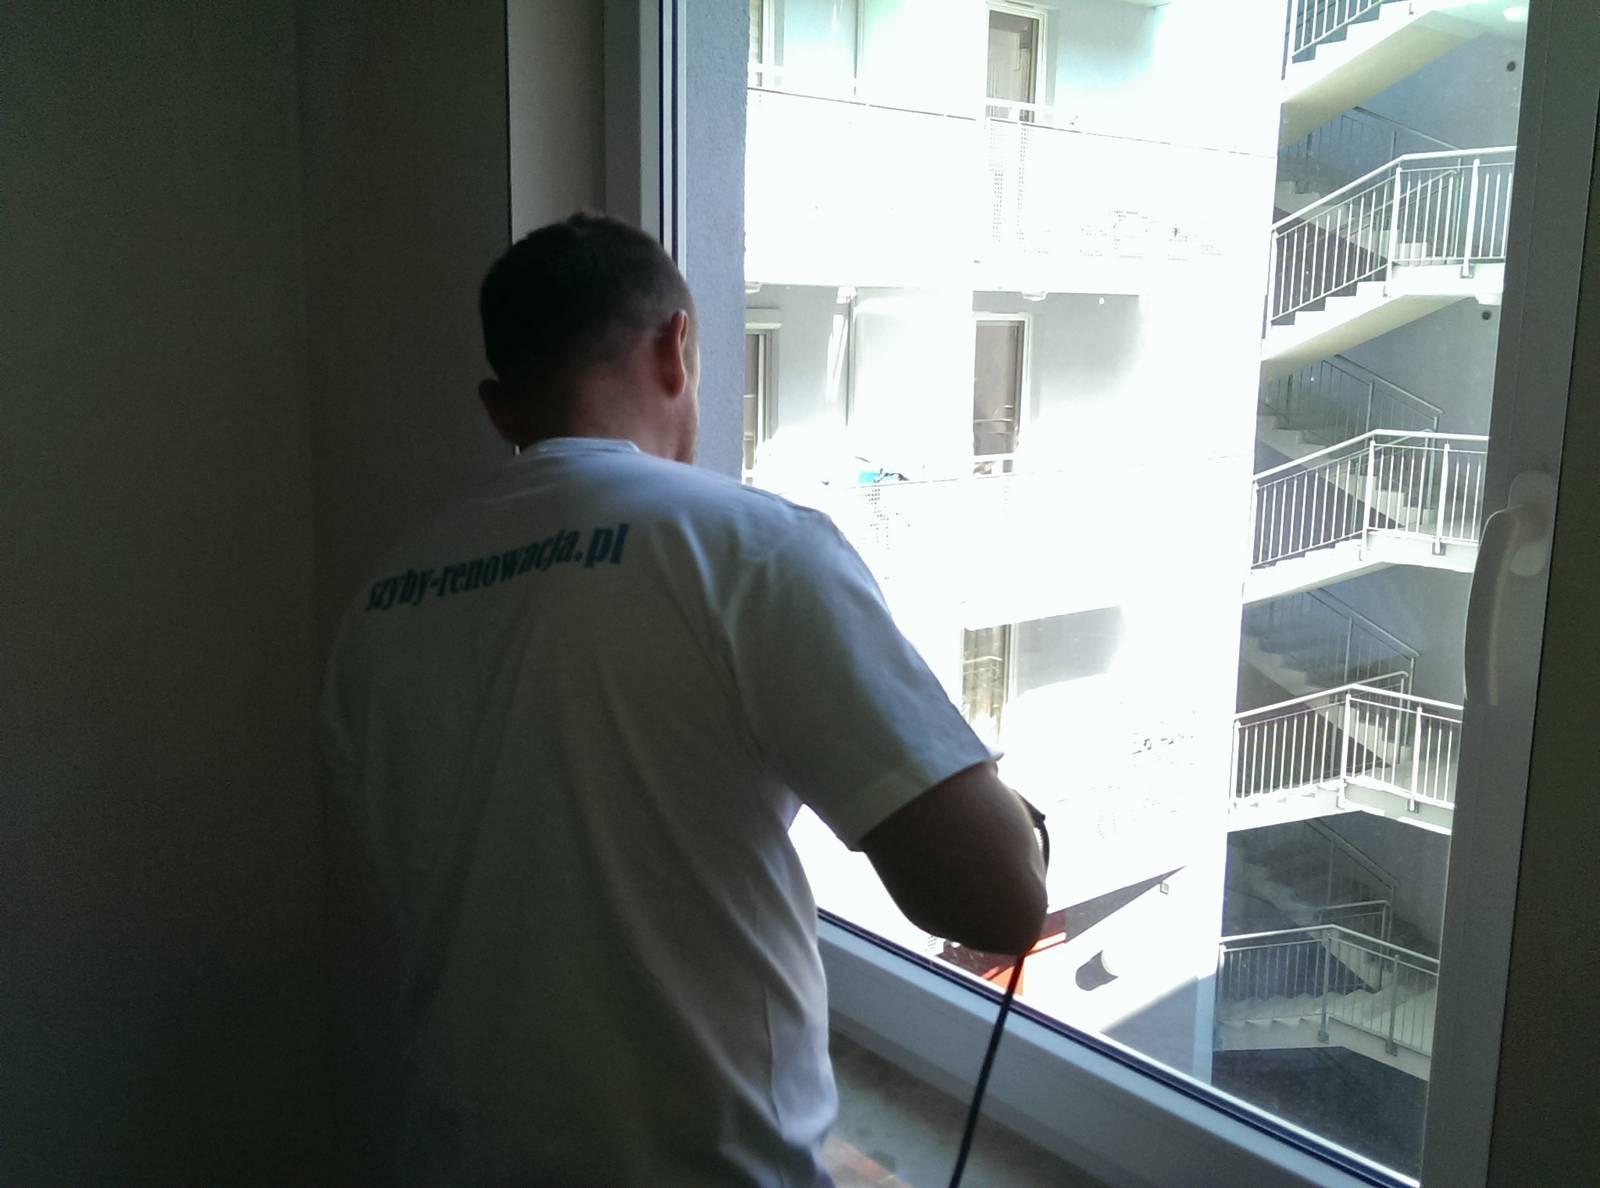 Vitrum - Polerowanie szyb, usuwanie rys ze szkła